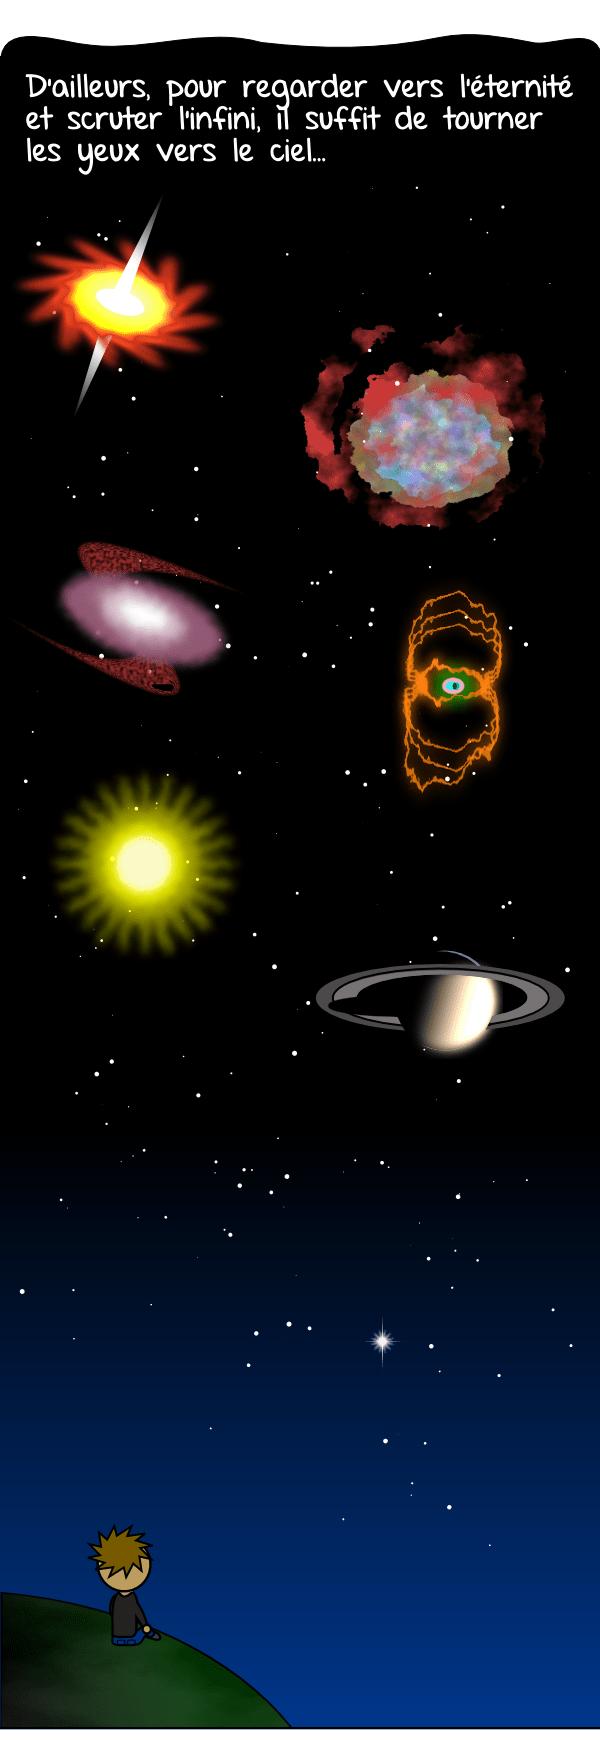 L,espace, le cosmos, l'infini, l'éternité